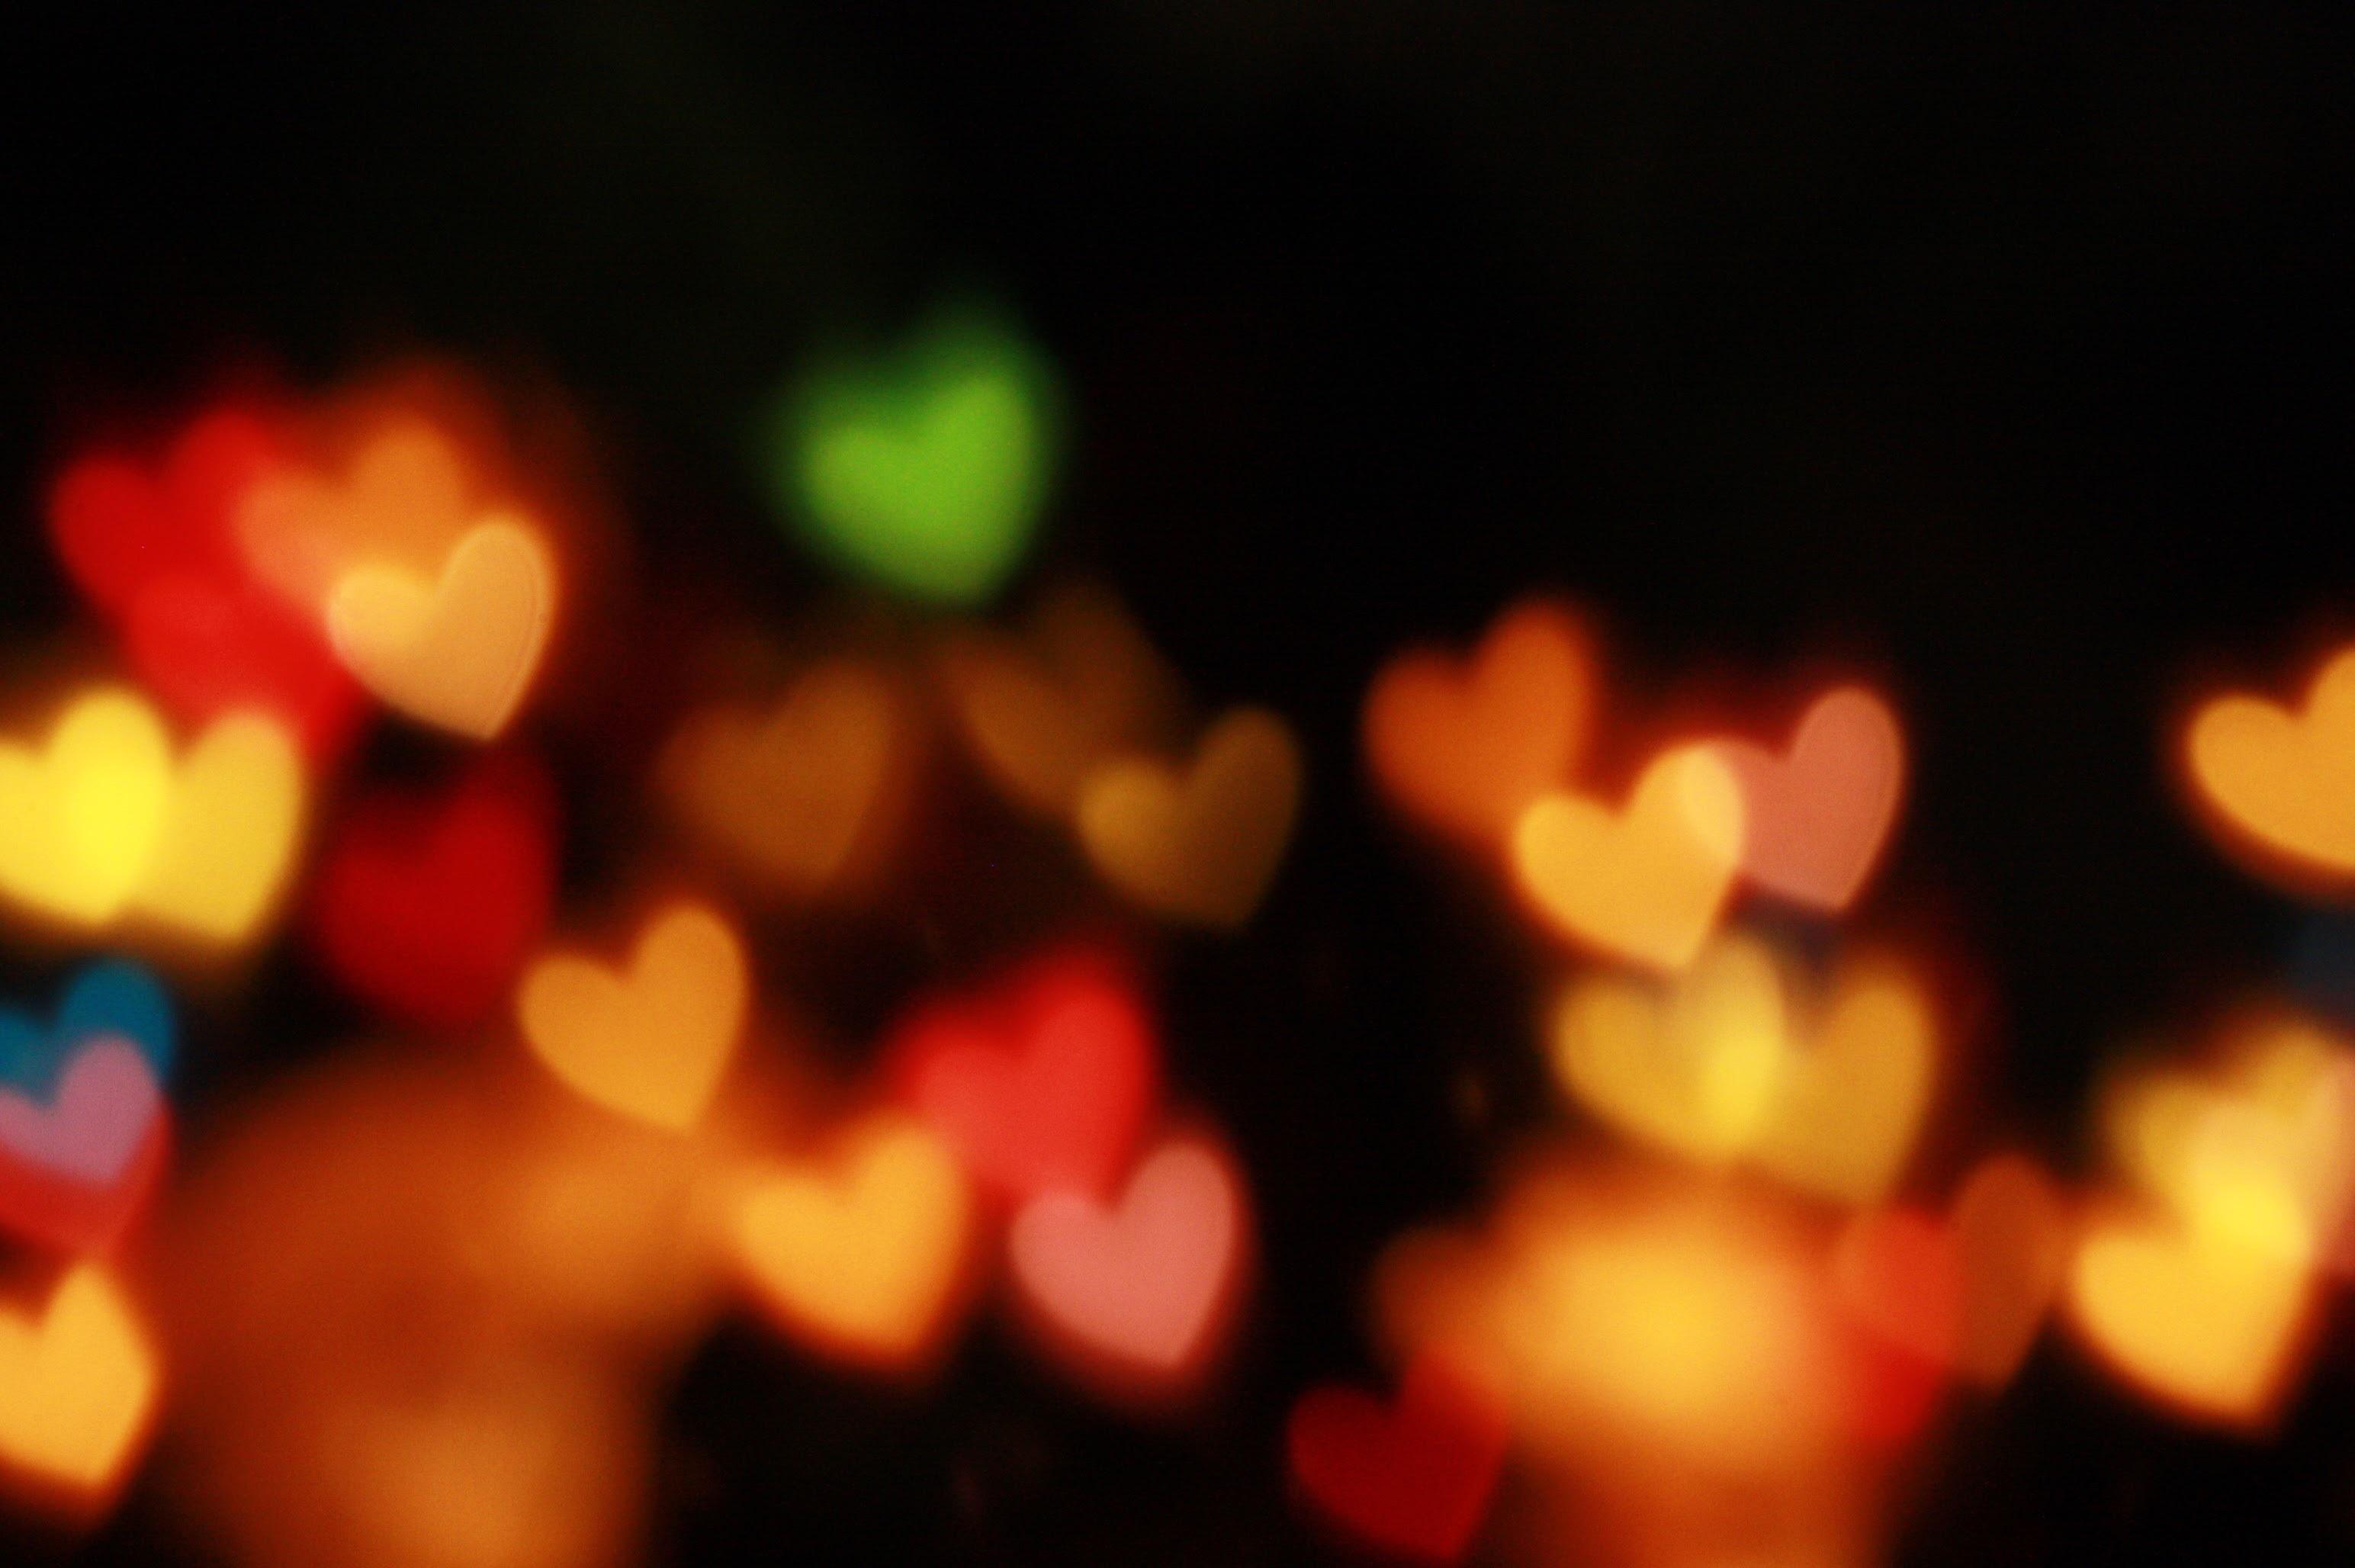 Herzen leuchten im Dunkel